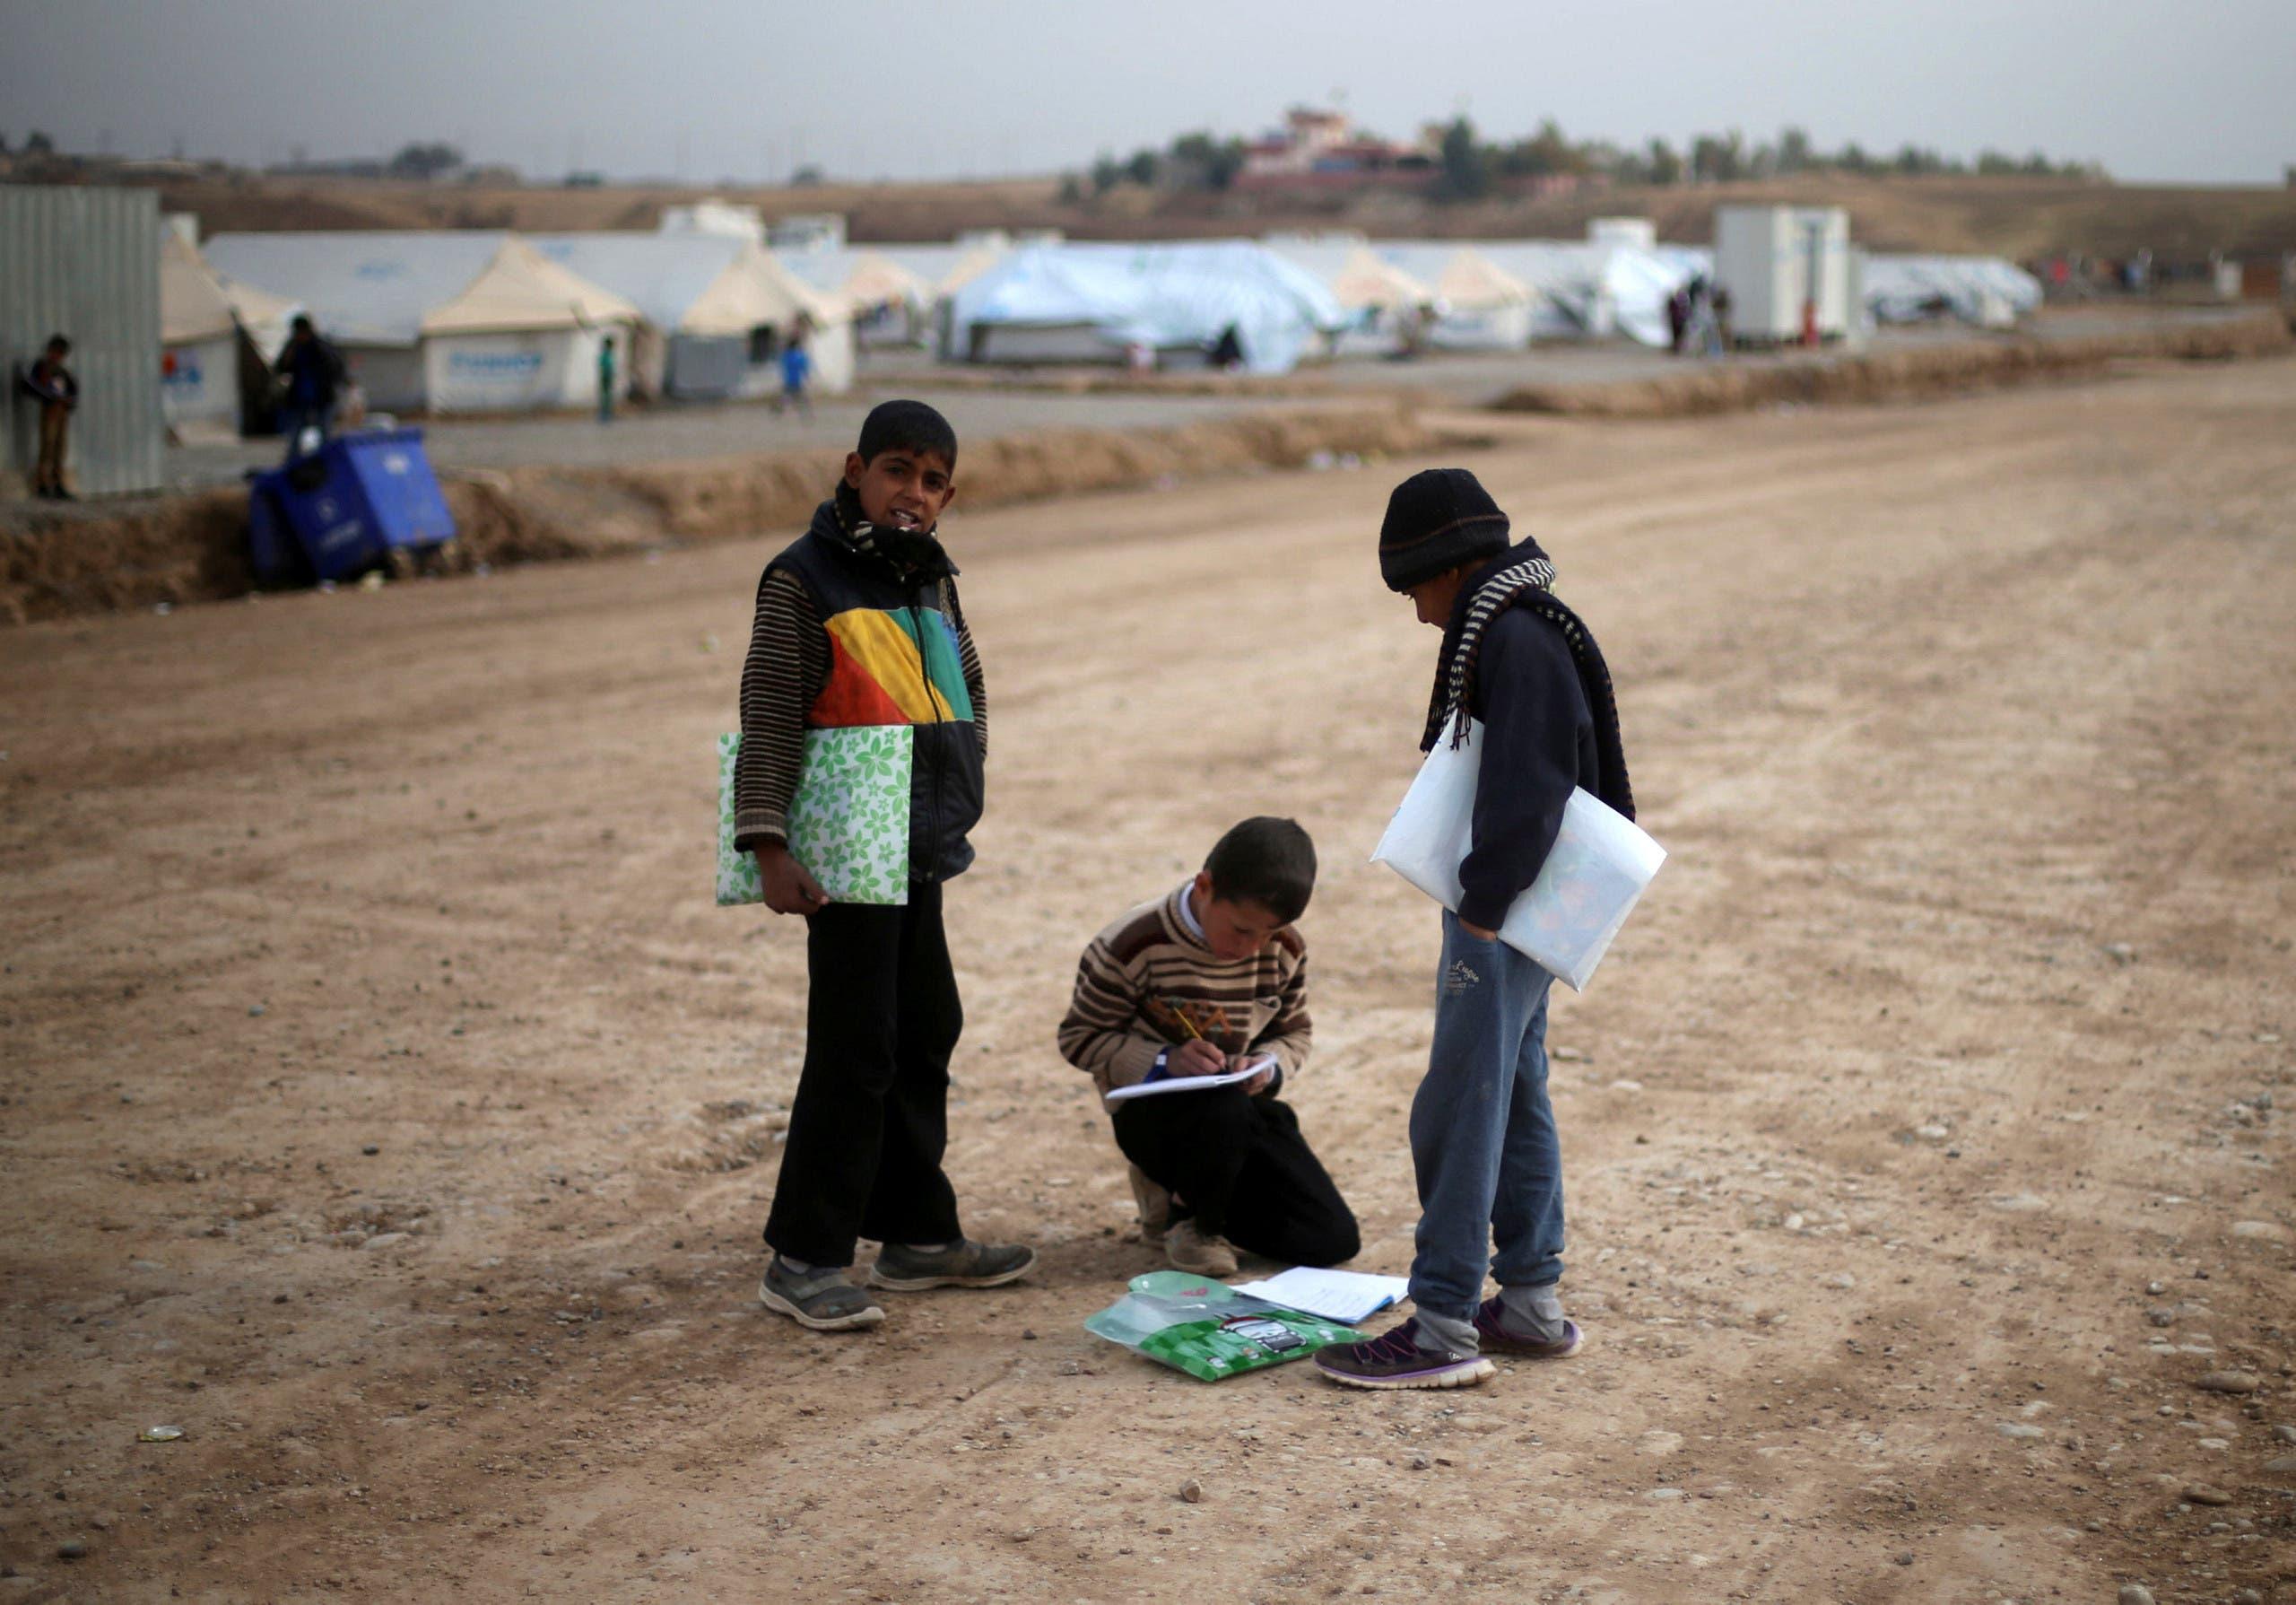 أطفال من الموصل في مخيم للنازحين